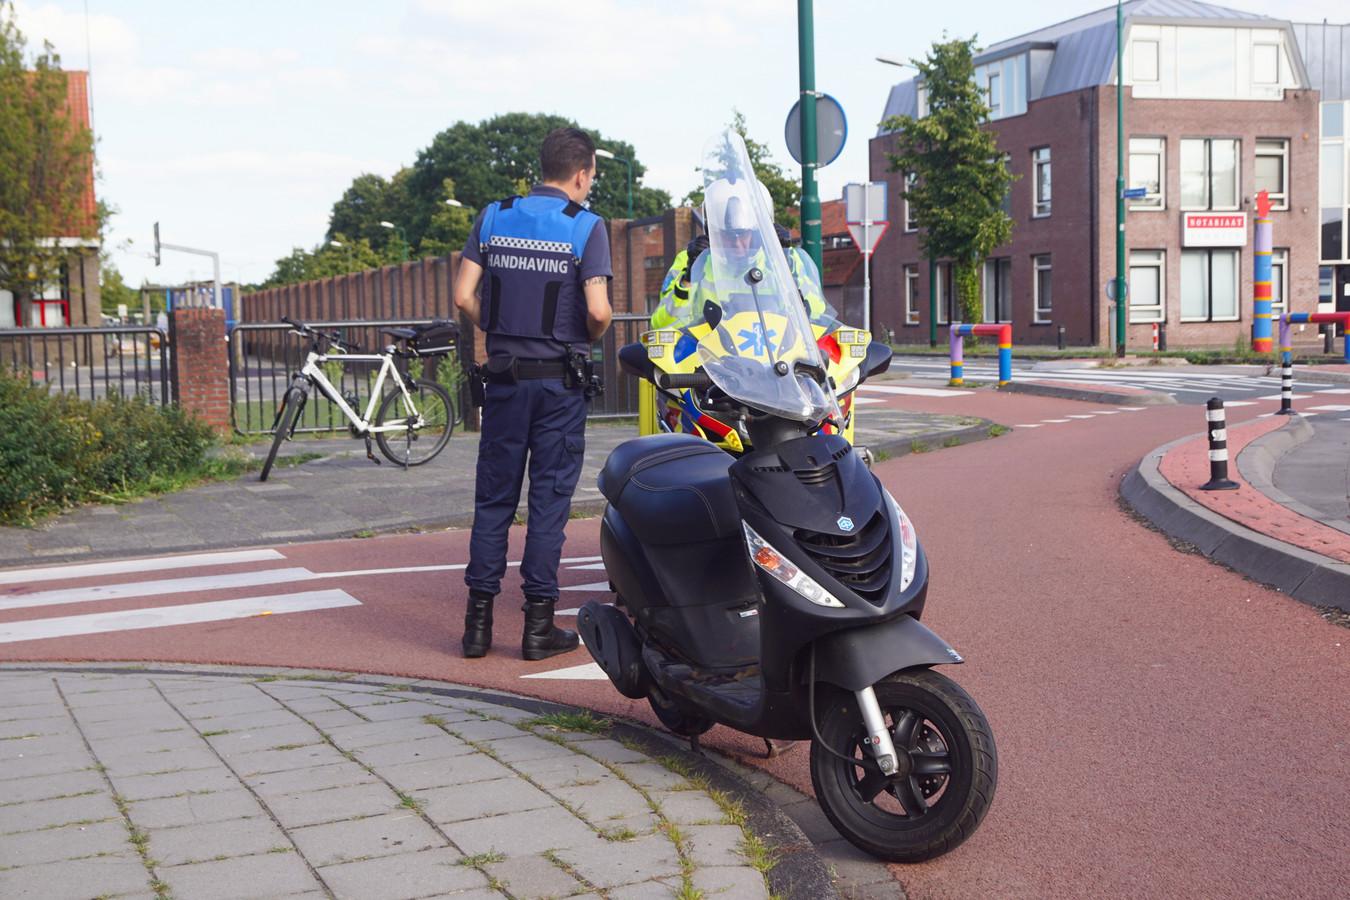 De bestuurder liet de scooter achter en is te voet vertrokken.